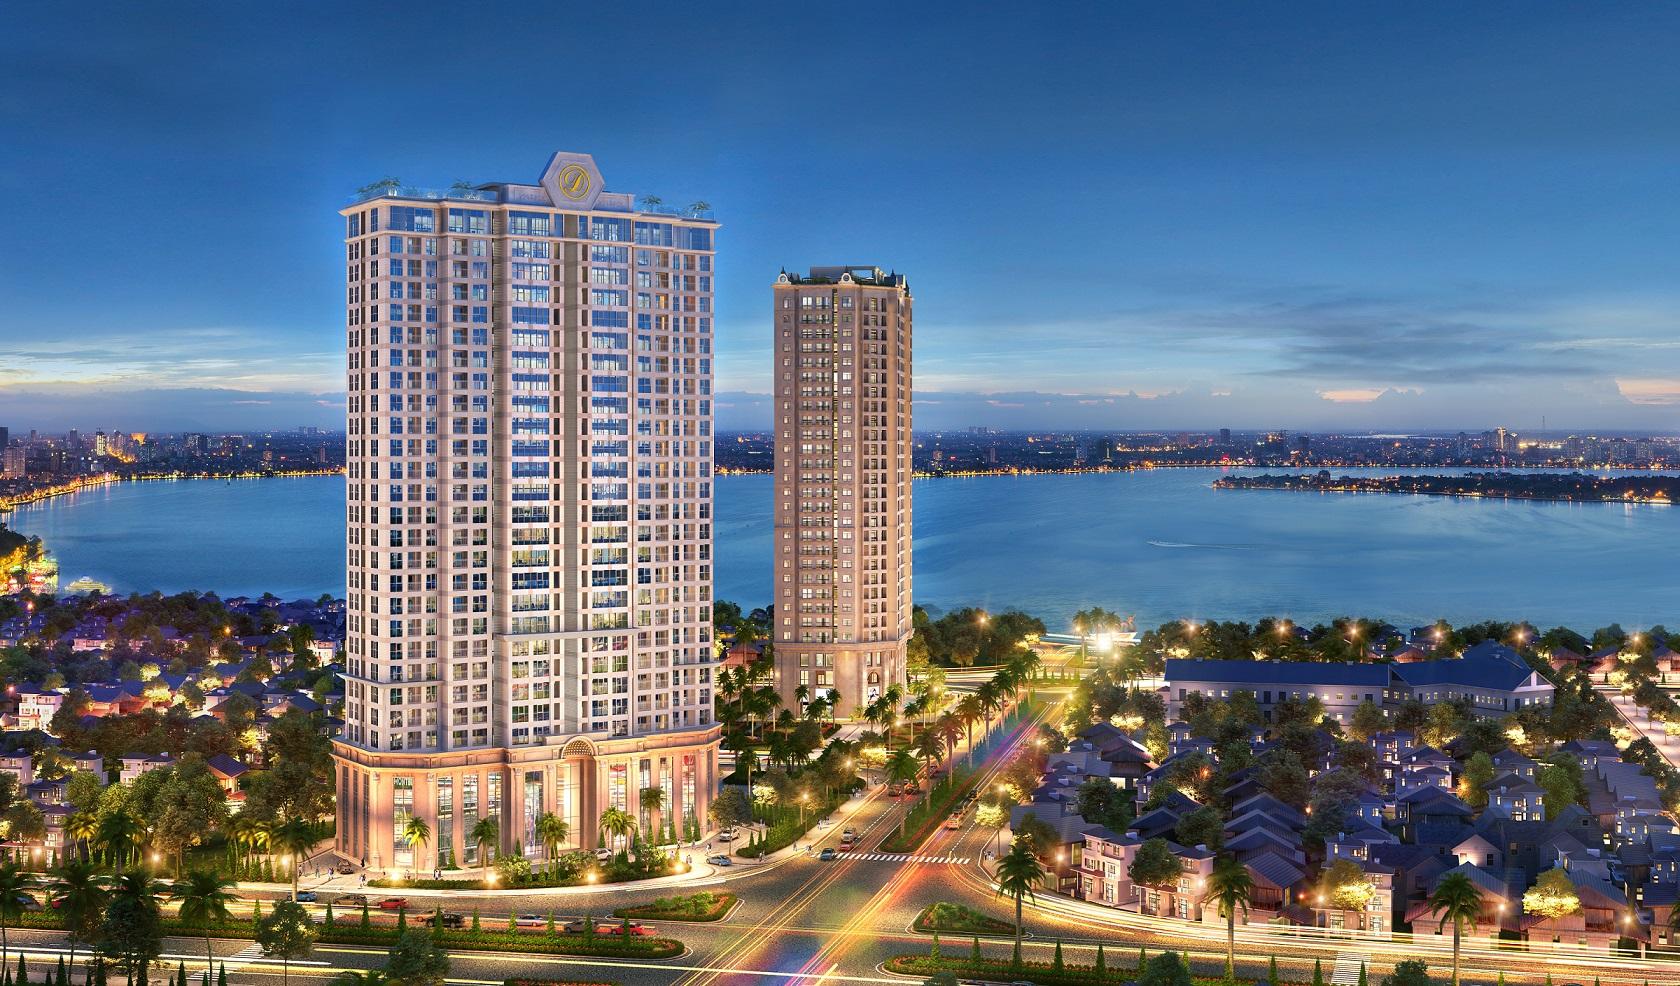 Bất động sản Hà Nội hấp dẫn nhà đầu tư quốc tế - Ảnh 2